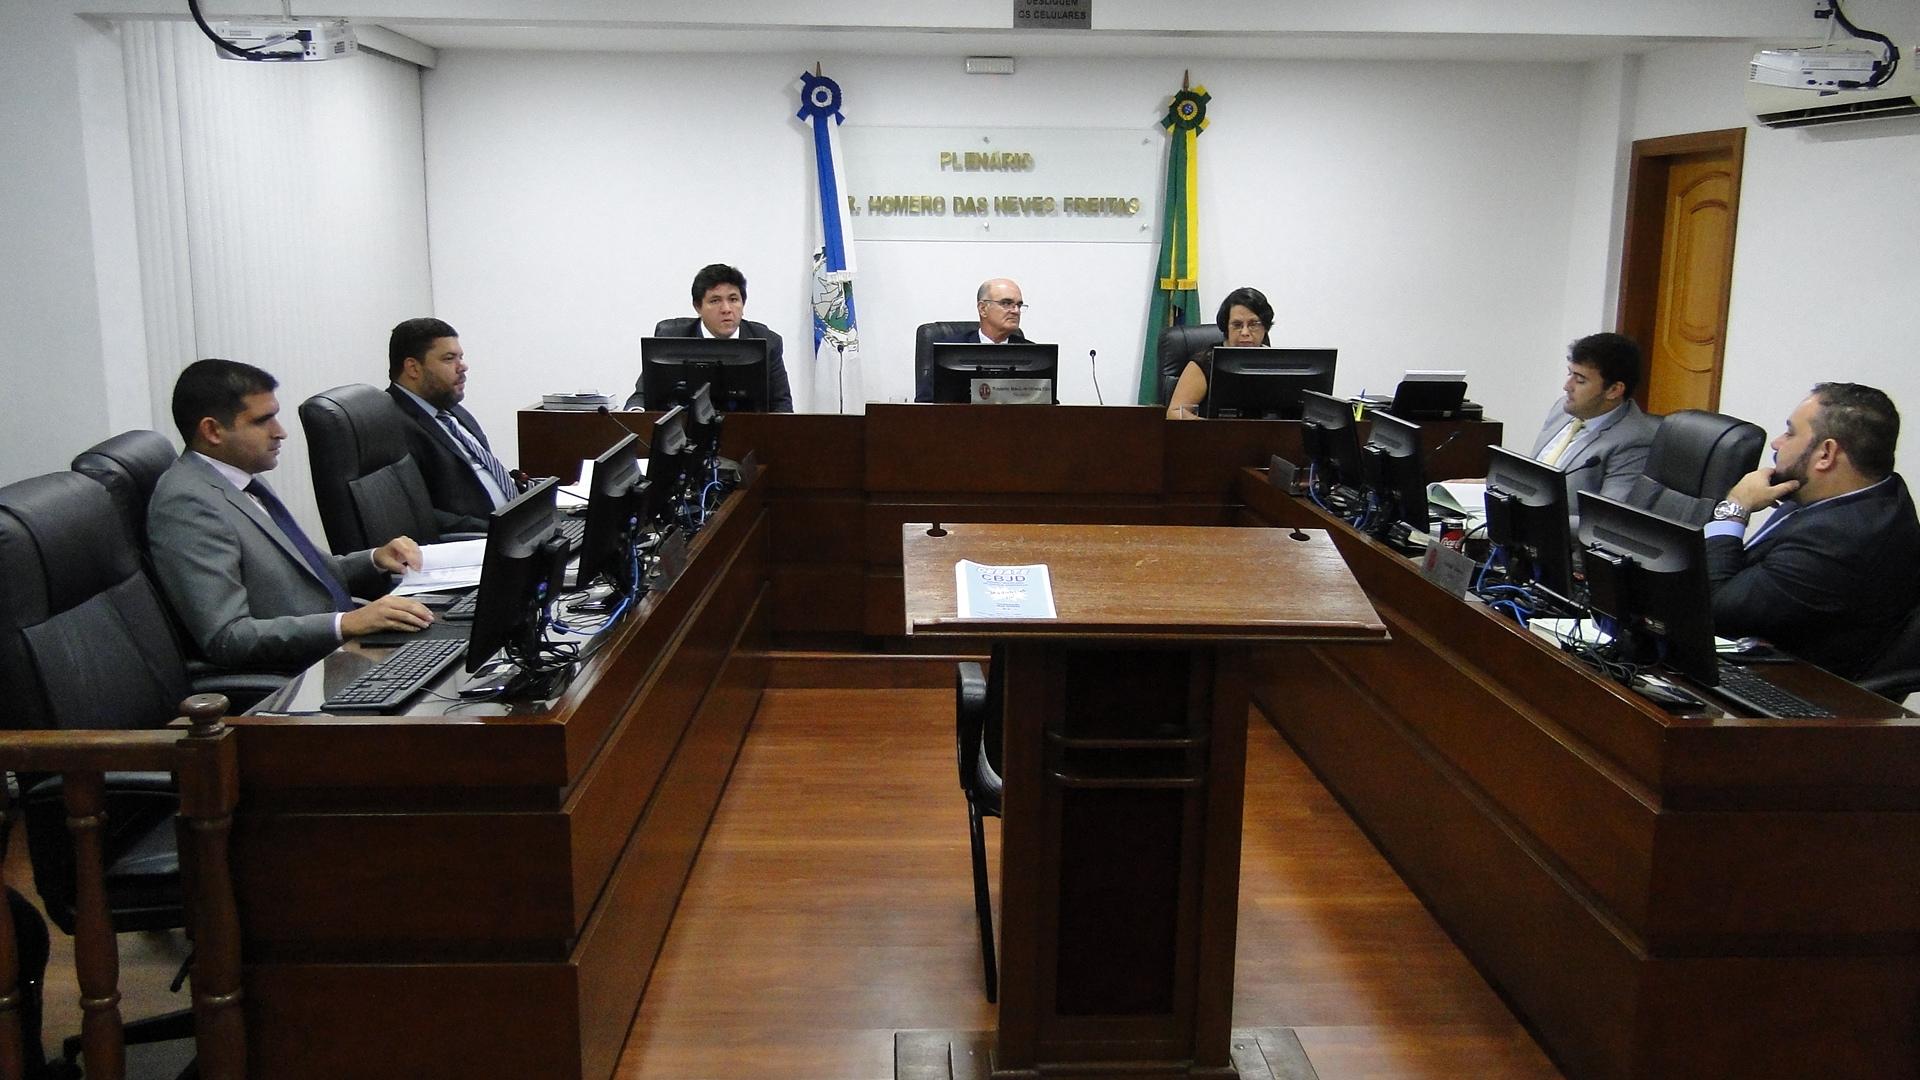 Decisões da Segunda Comissão Disciplinar